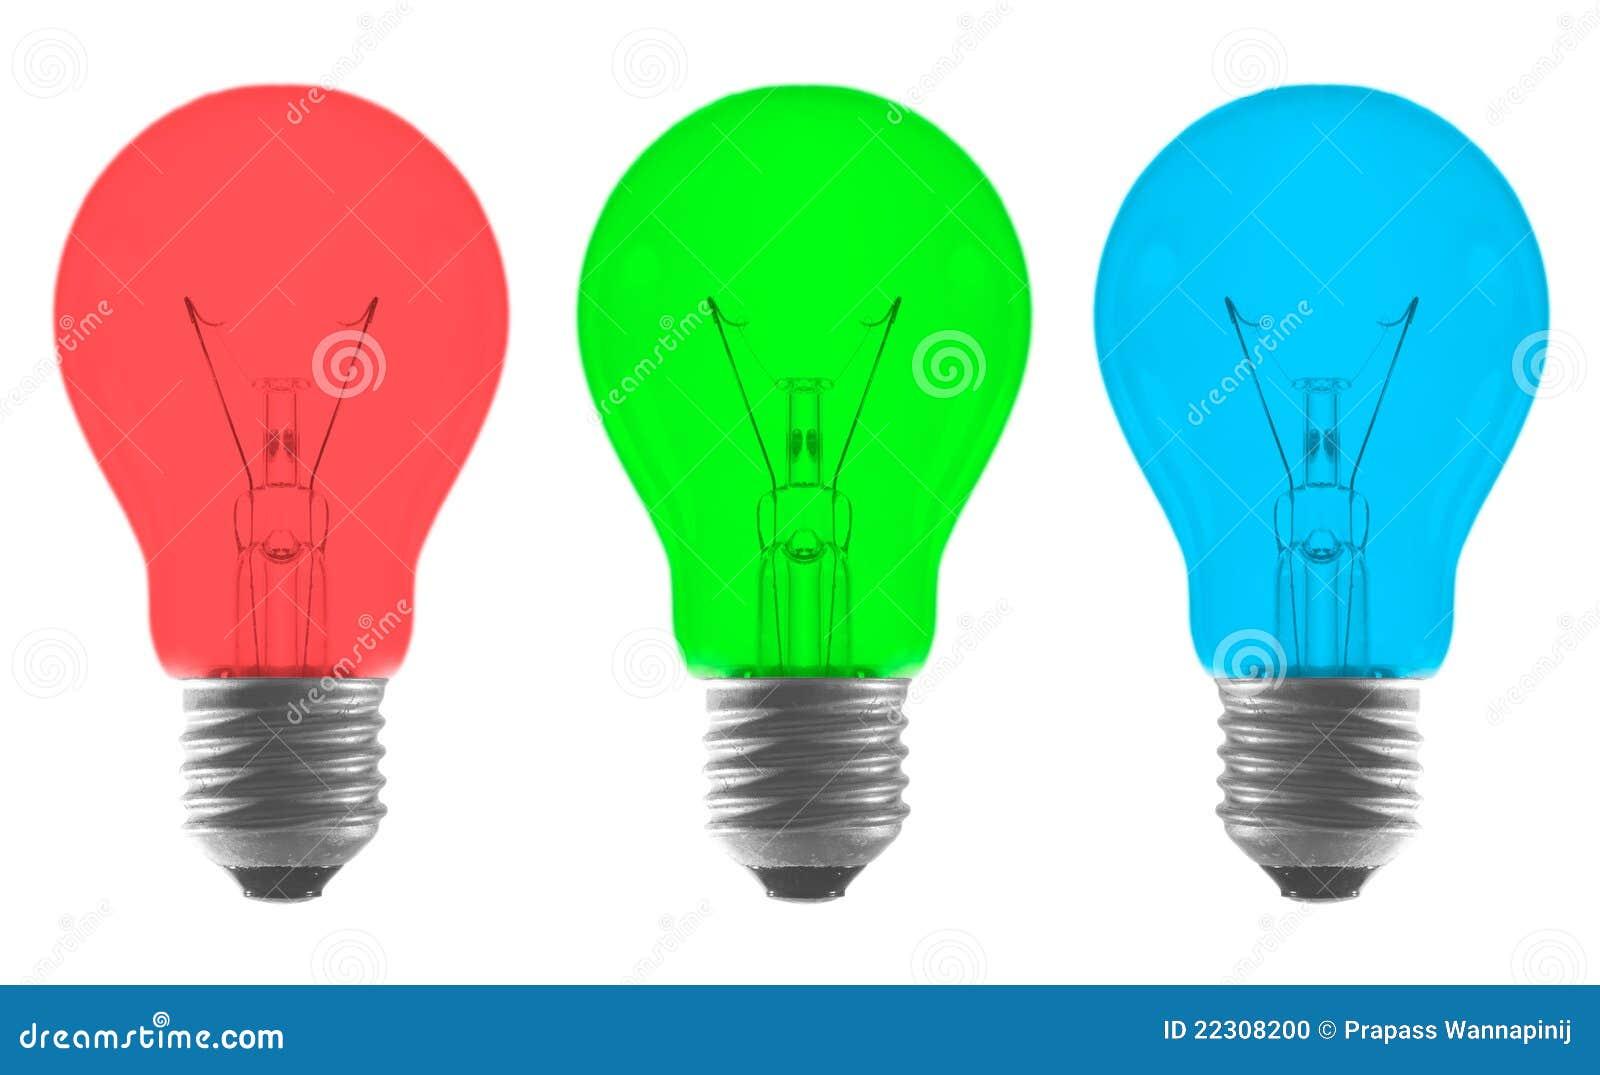 ampoule de couleur vert bleu rouge photo stock image. Black Bedroom Furniture Sets. Home Design Ideas